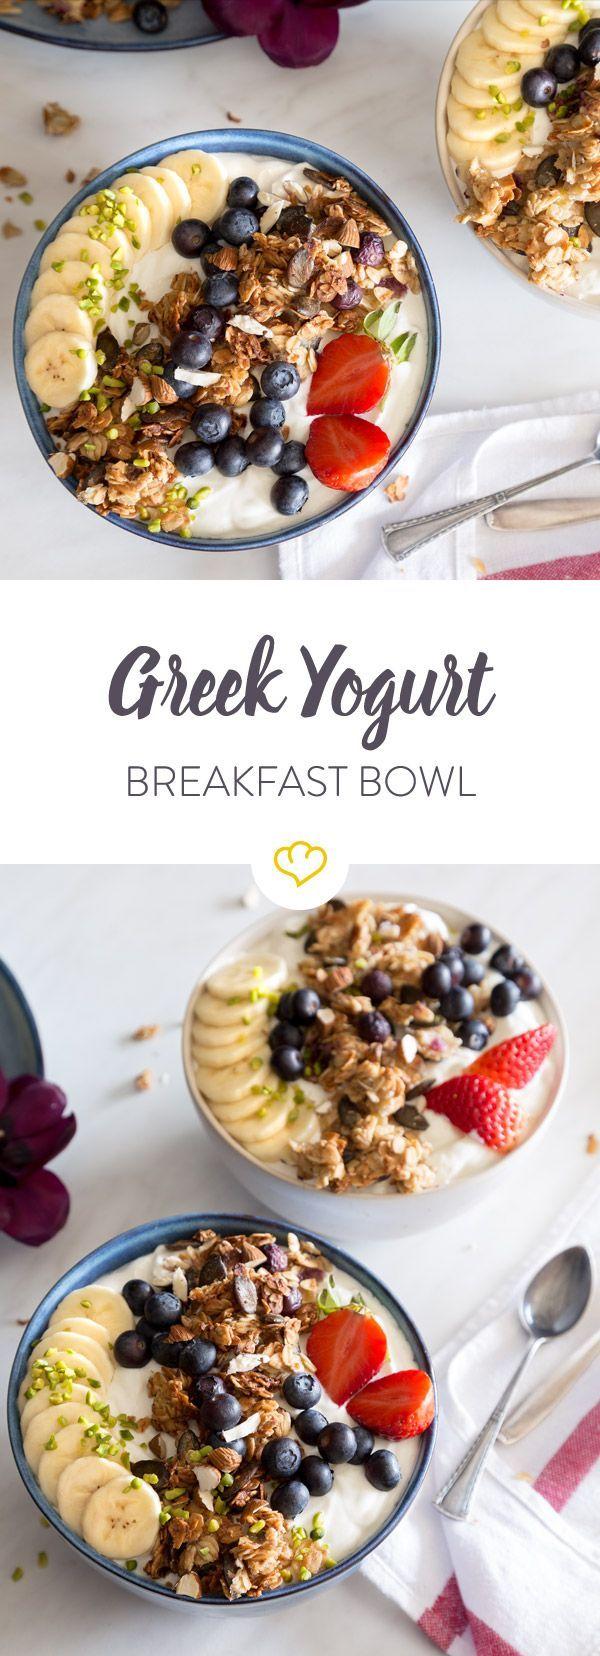 In diese Greek Yogurt Breakfast Bowl kommen noch eine Blaubeer-Muffin-Granola, Nüsse und Obst. Besser kannst du nicht in den Tag starten!